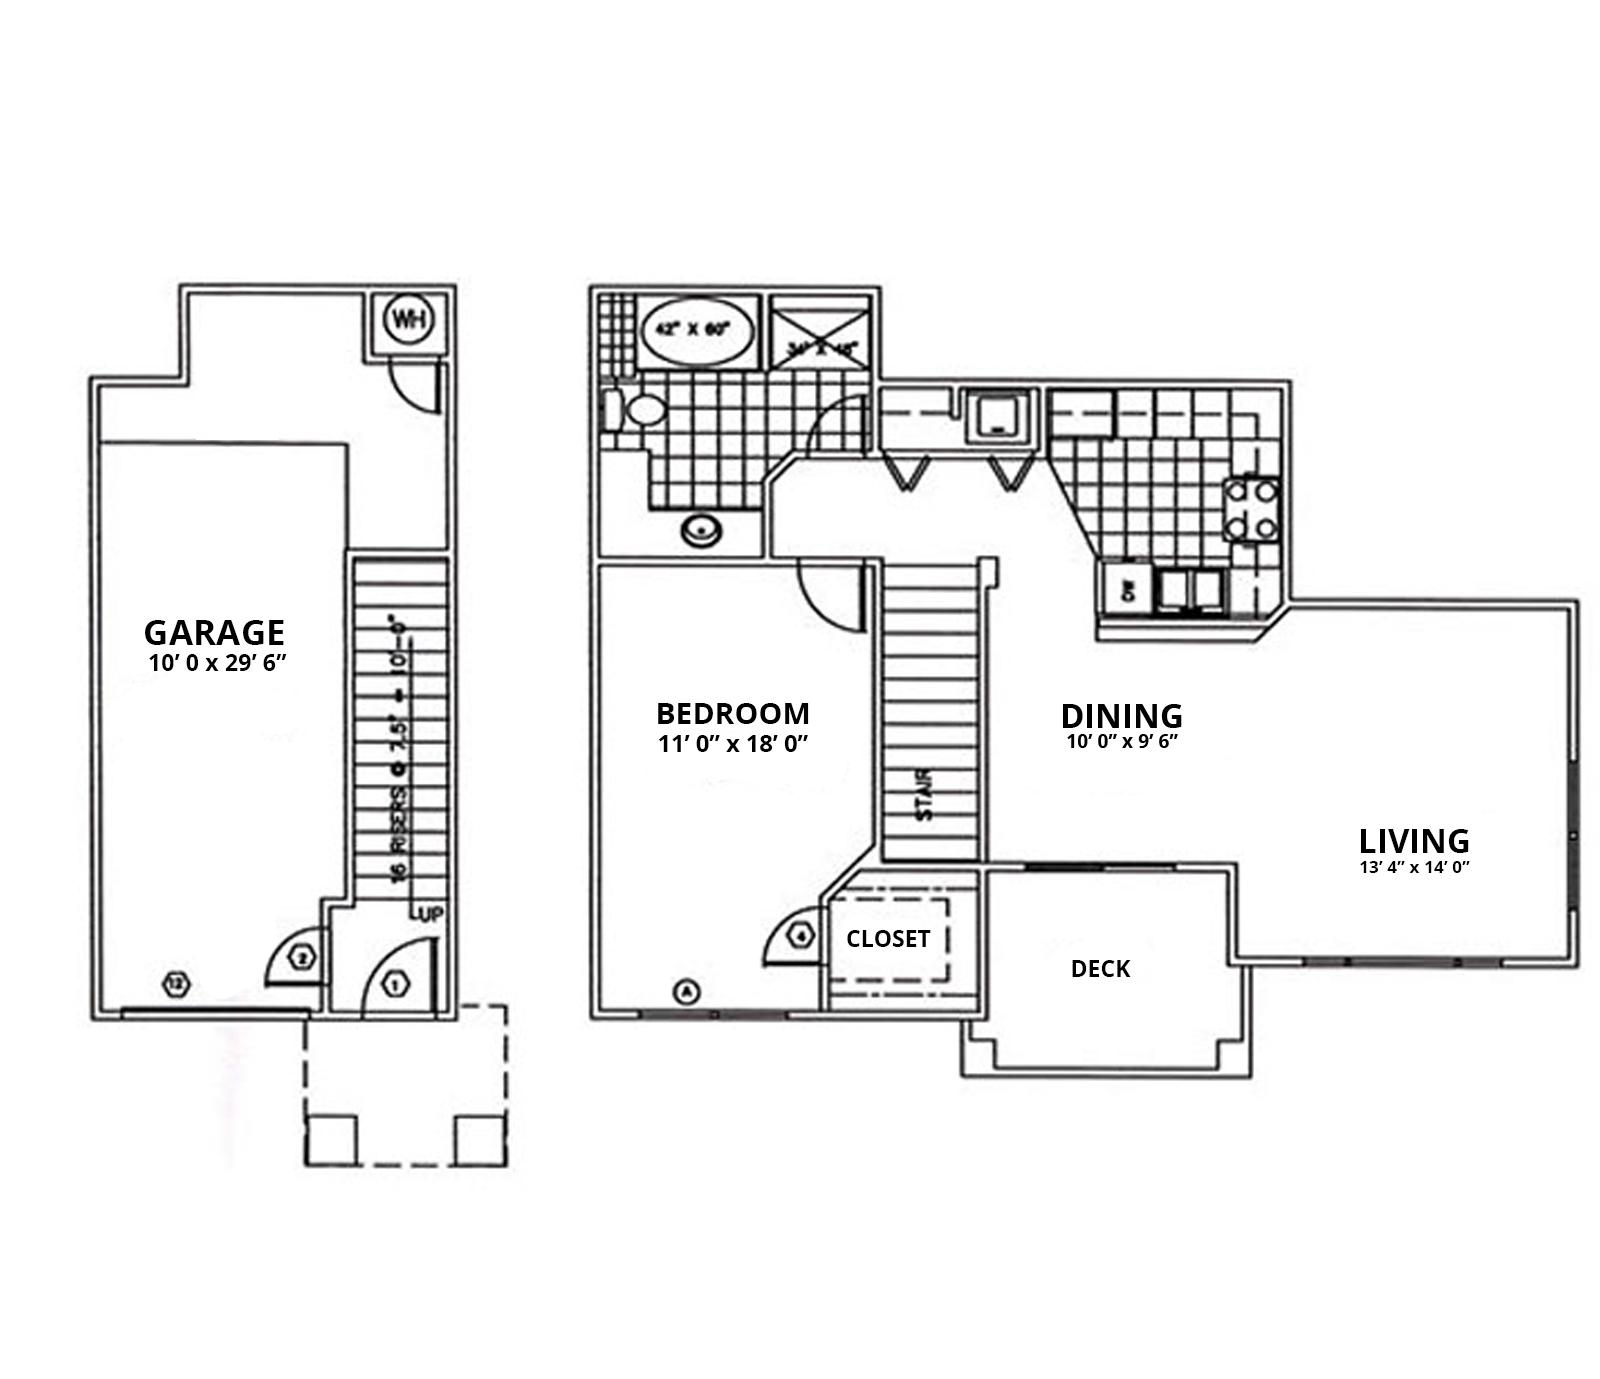 1 Bedroom, 1 Bath, 1 Car Garage